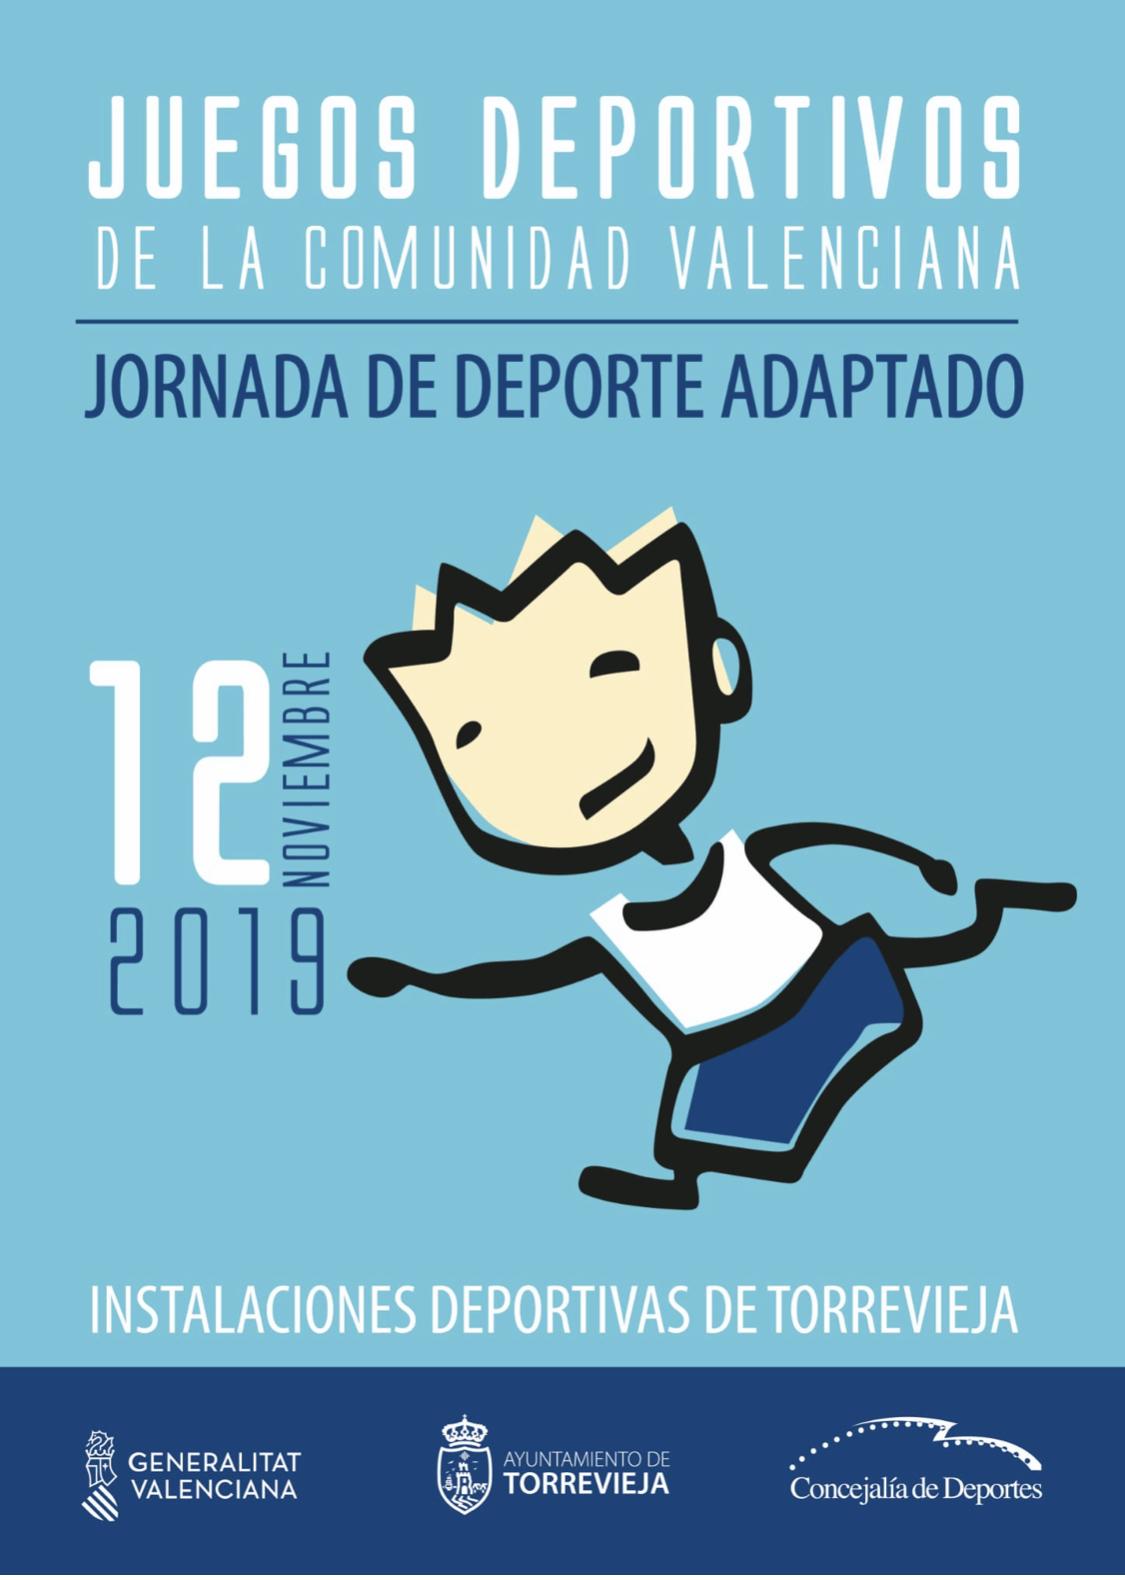 (Español) Juegos deportivos Comunidad Valenciana-Deporte Adaptado.